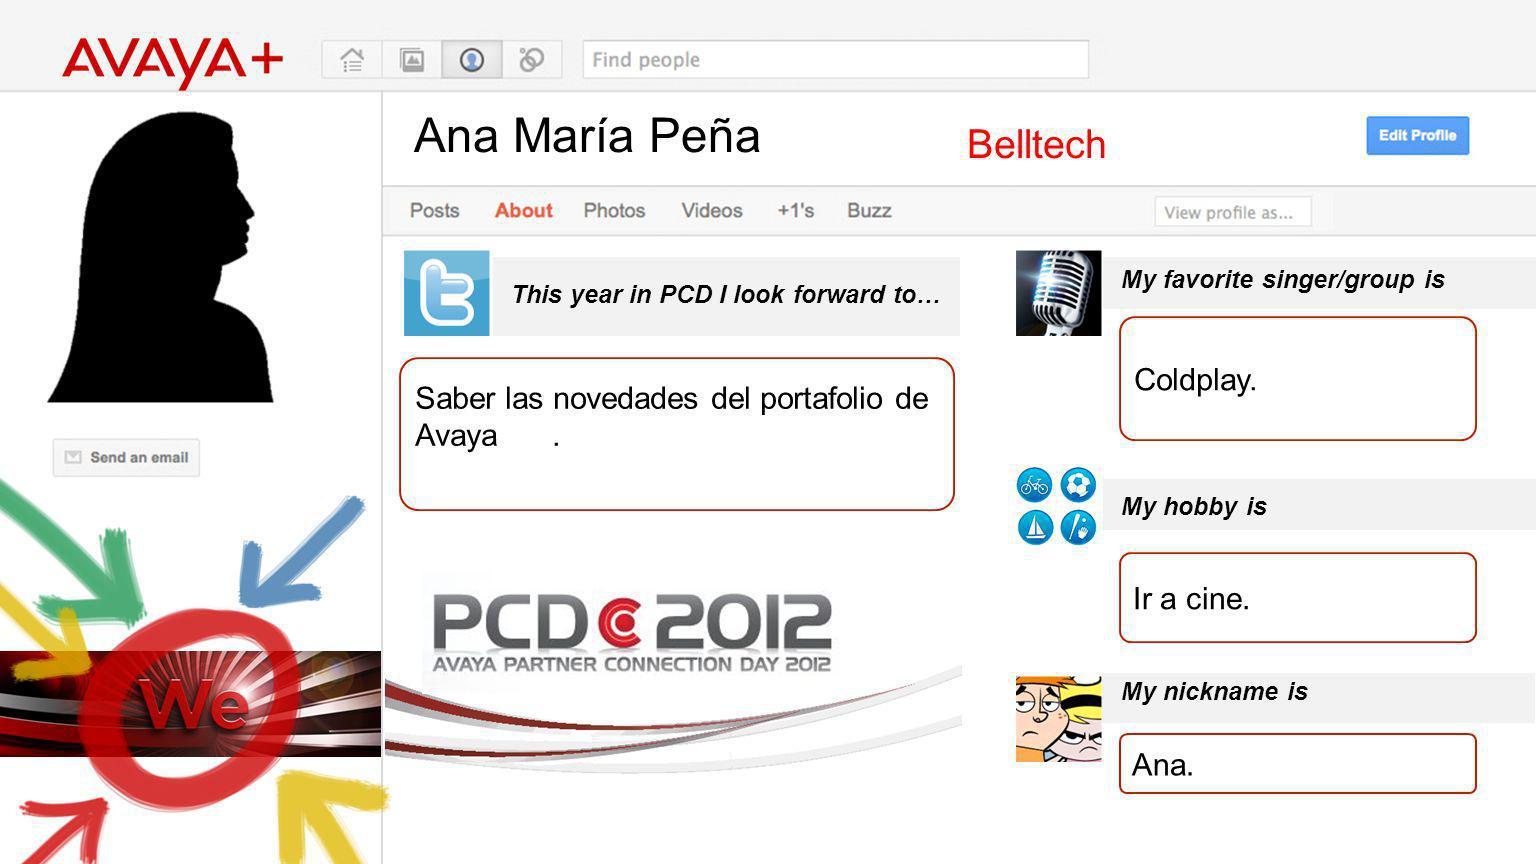 Ana María Peña This year in PCD I look forward to… Belltech Saber las novedades del portafolio de Avaya.